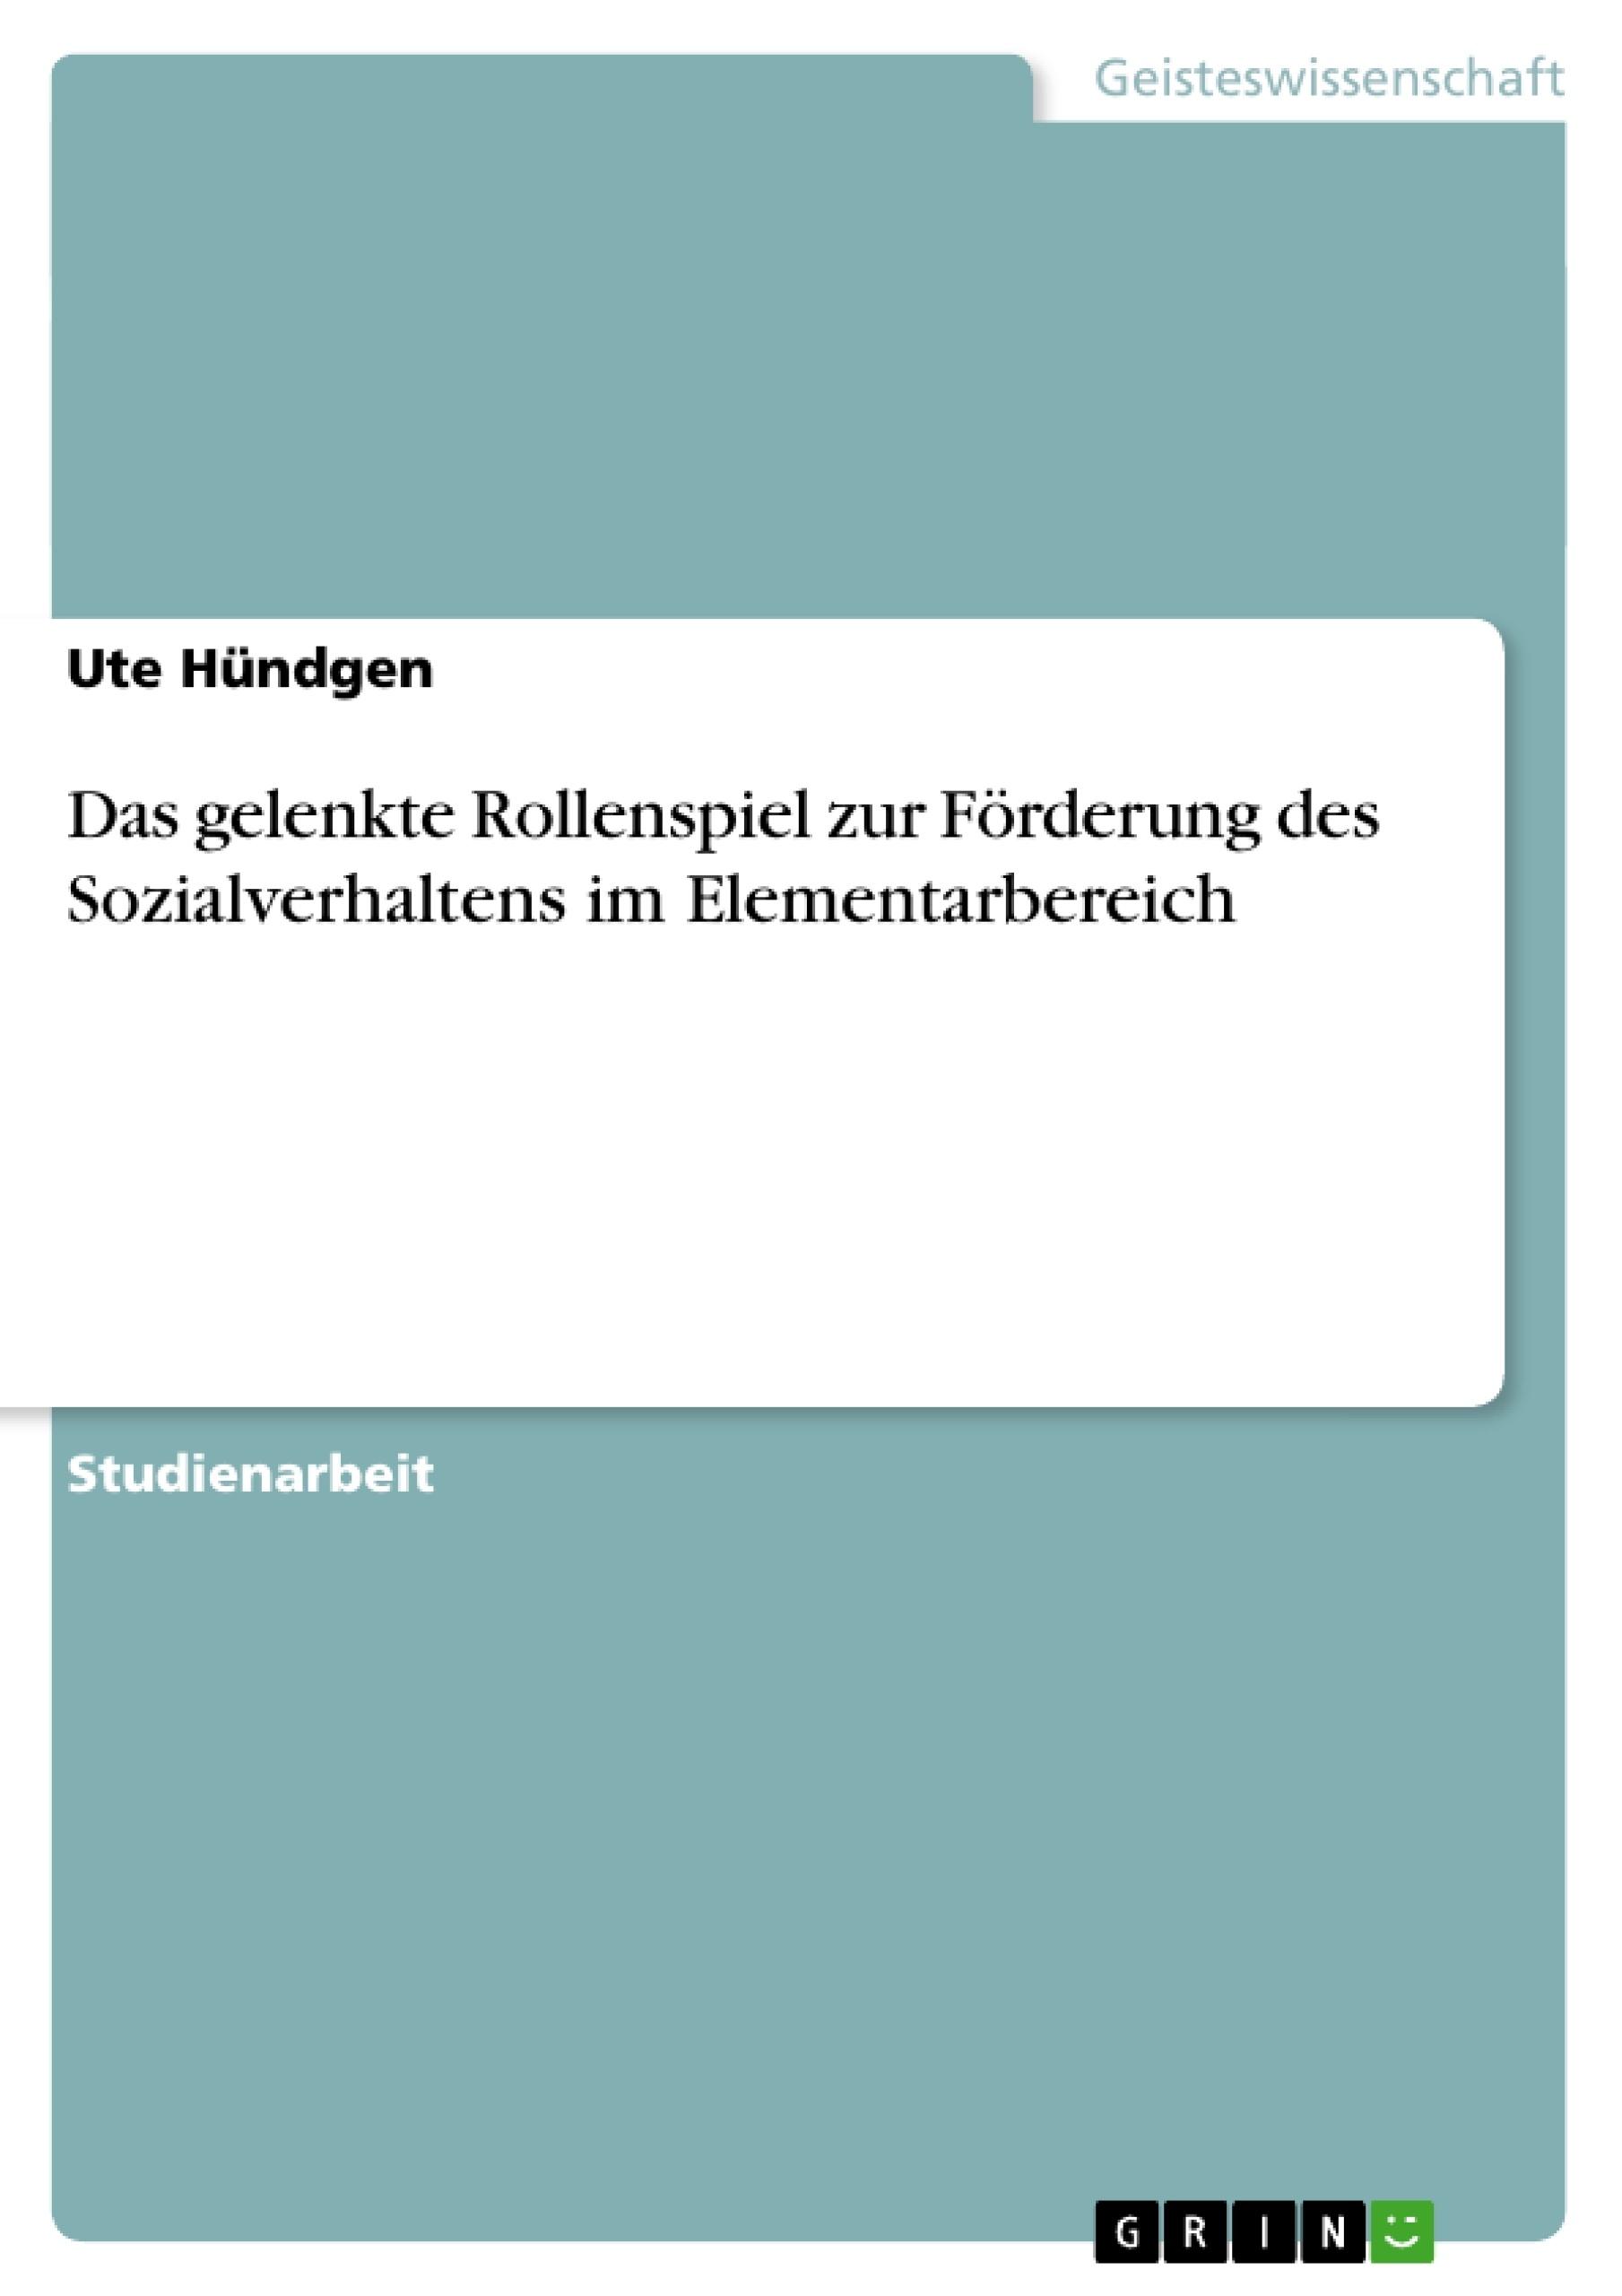 Schön Es Setzt Probe 2013 Fort Galerie - Beispielzusammenfassung ...